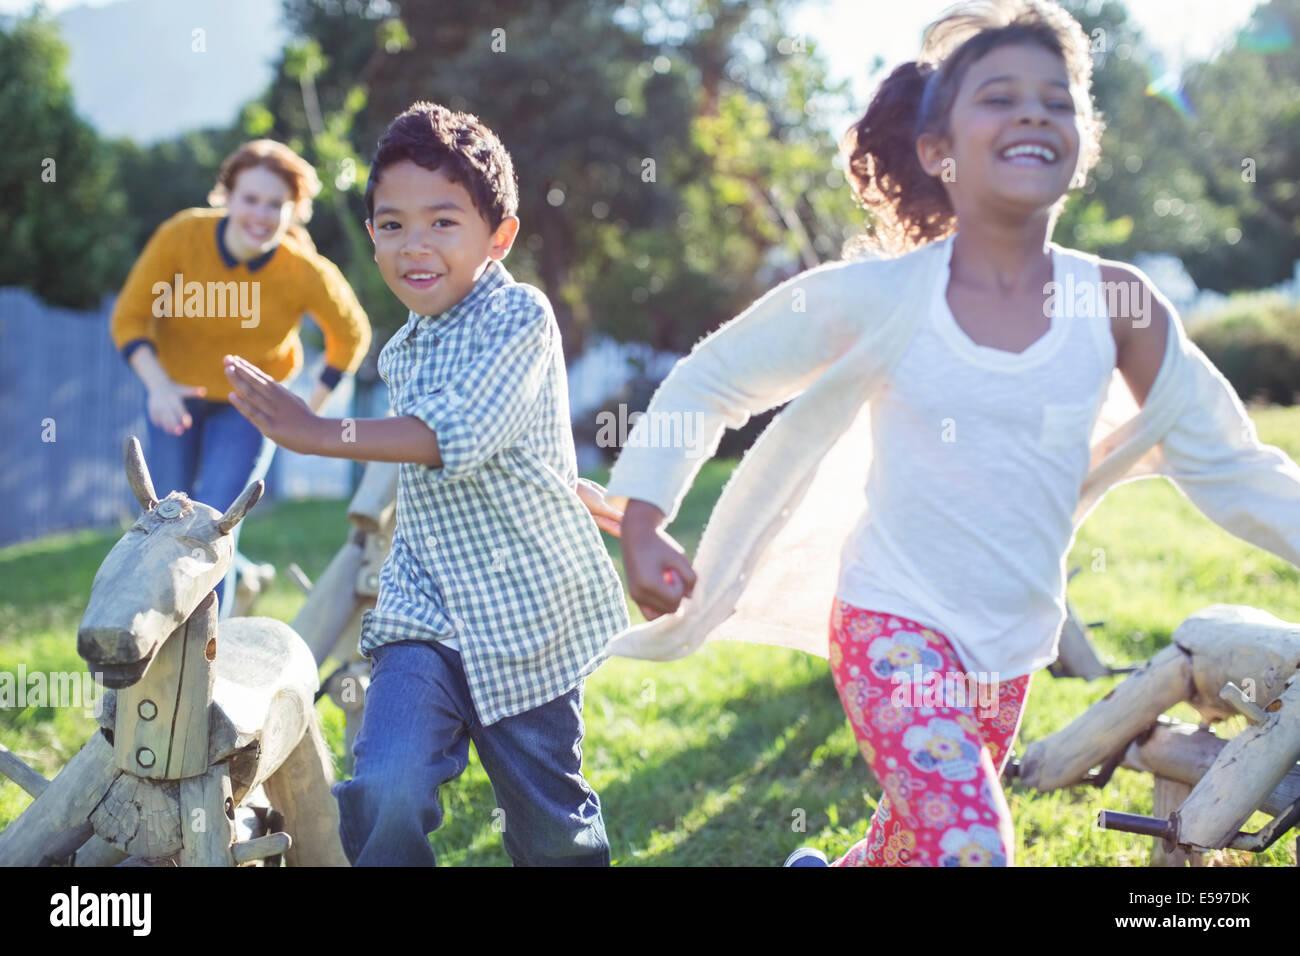 Kinder laufen im Feld Stockbild